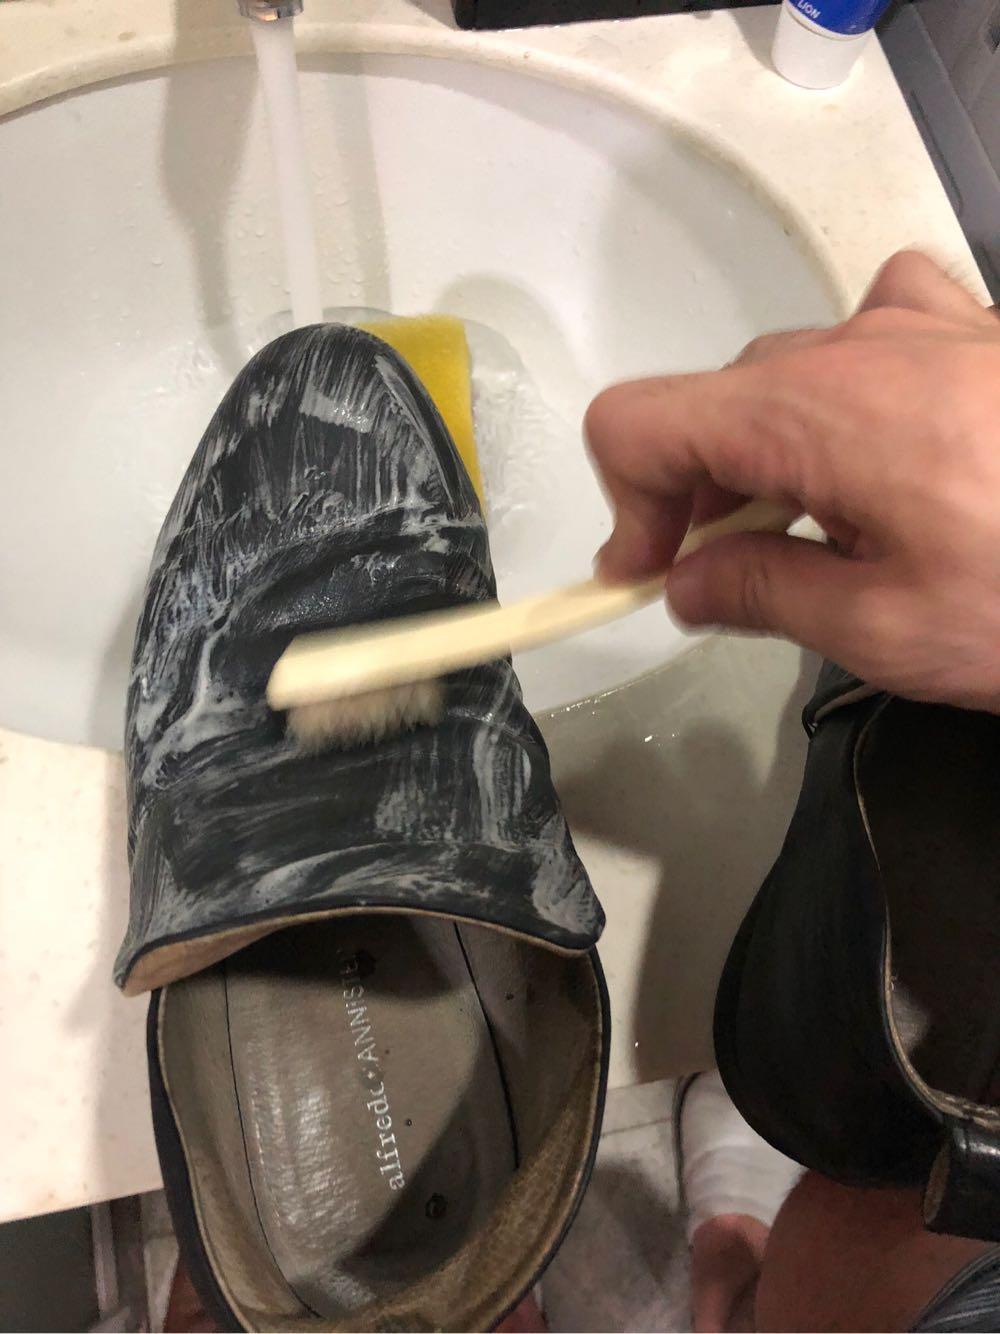 alfredoBANNISTERのシューズをサドルソープで洗う様子